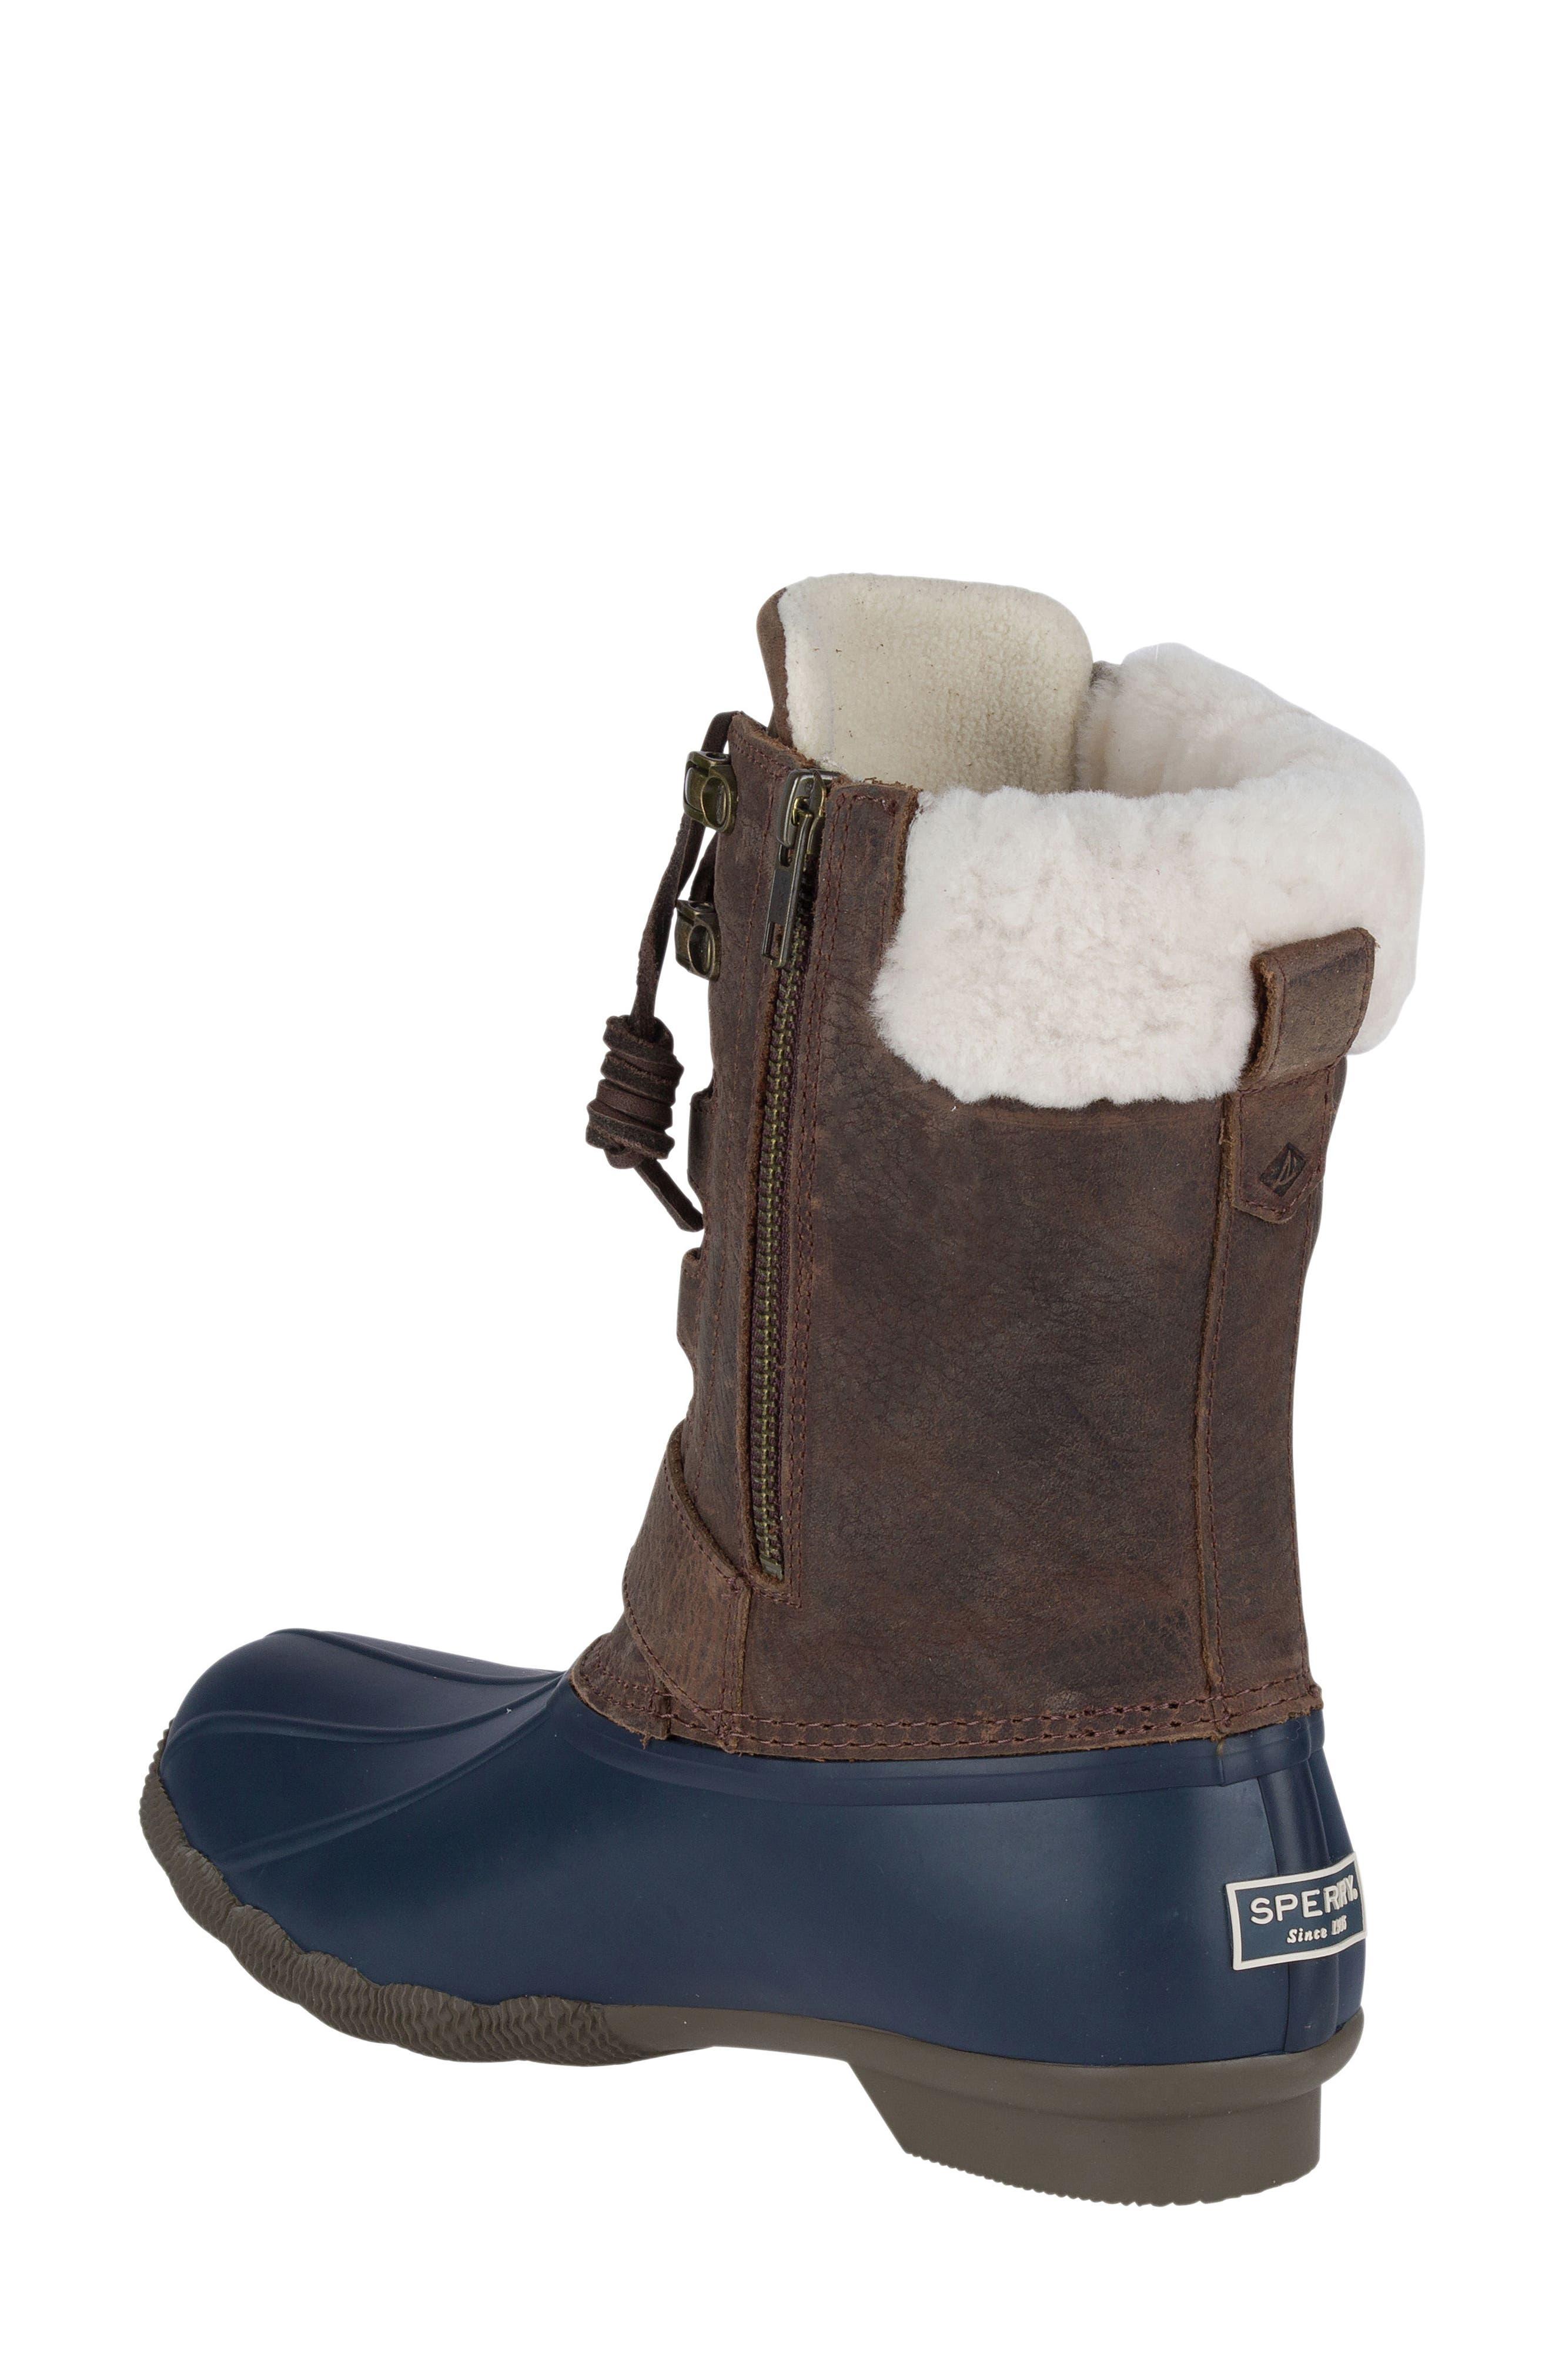 Alternate Image 2  - Sperry Saltwater Misty Waterproof Rain Boot (Women)